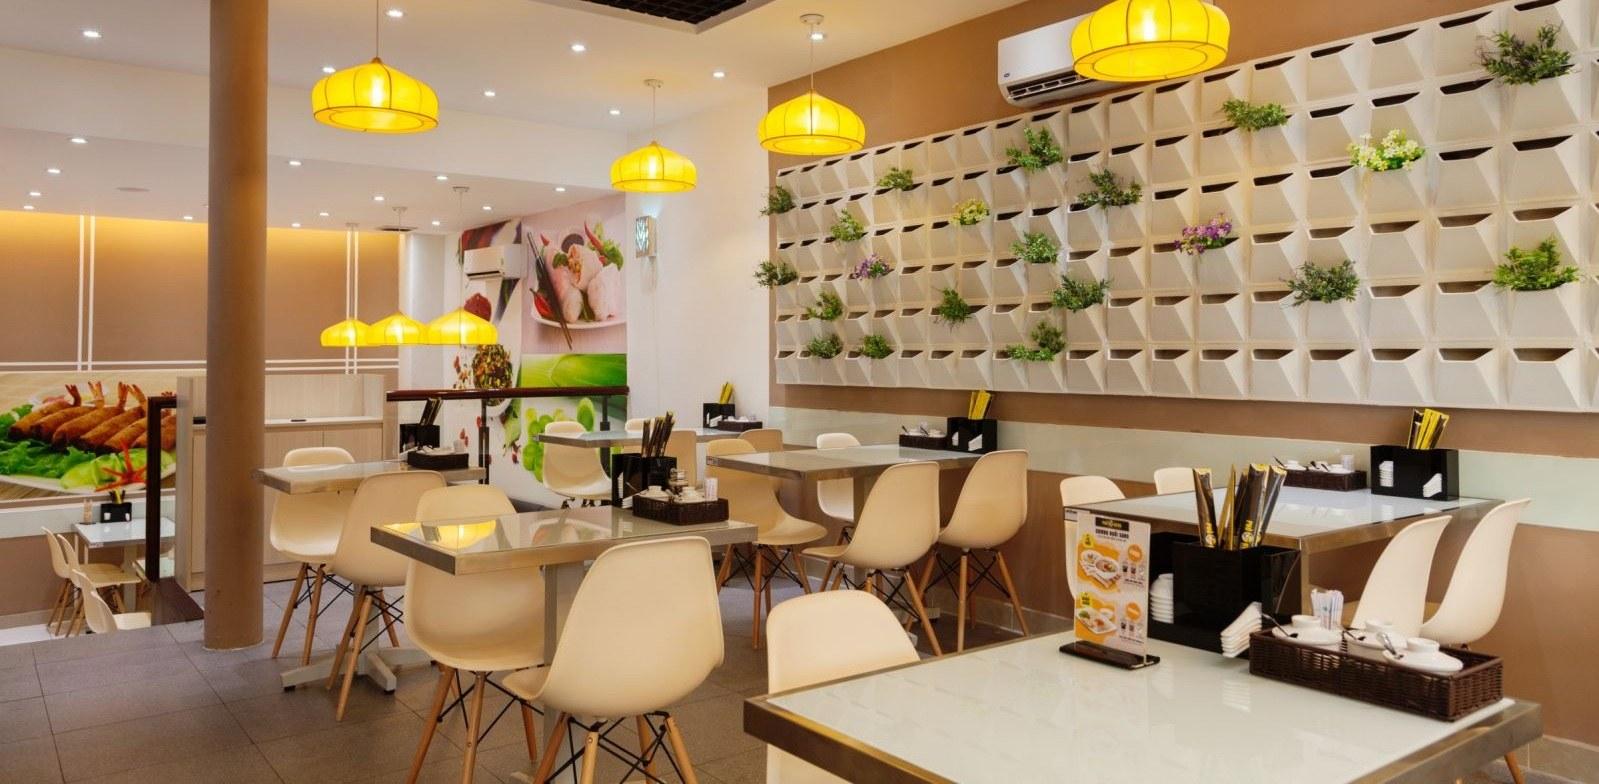 Thi công nội thất nhà hàng kết hợp không gian xanh